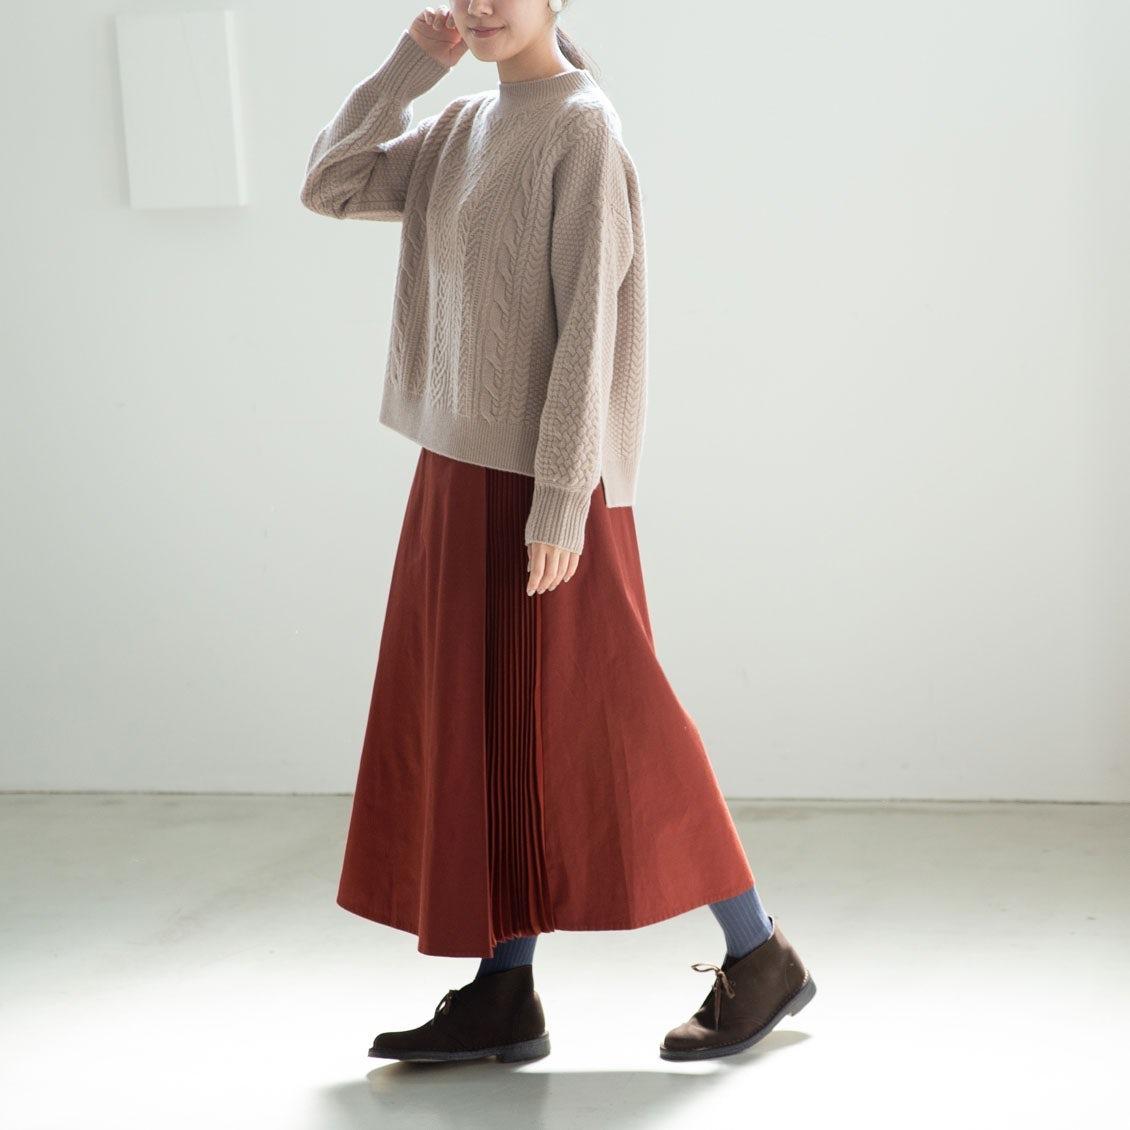 【新商品】自分らしさをひとさじ。オリジナルのサイドプリーツスカートが登場です。